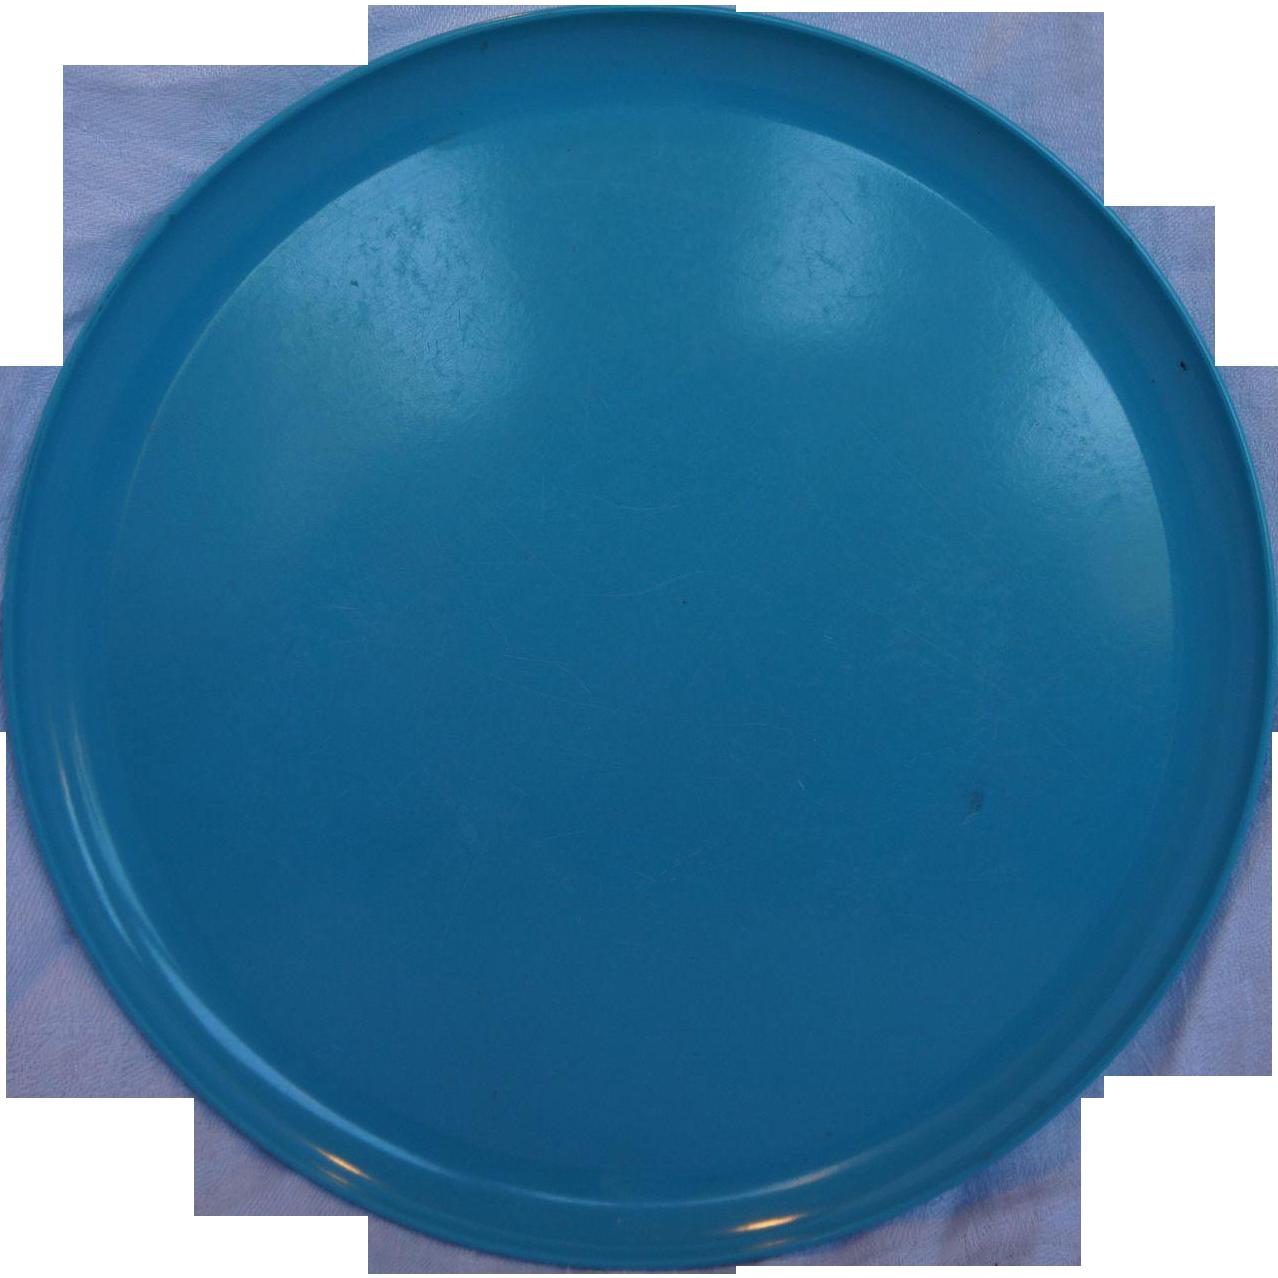 Spaulding Ware Turquoise Melmac Dinner Plate